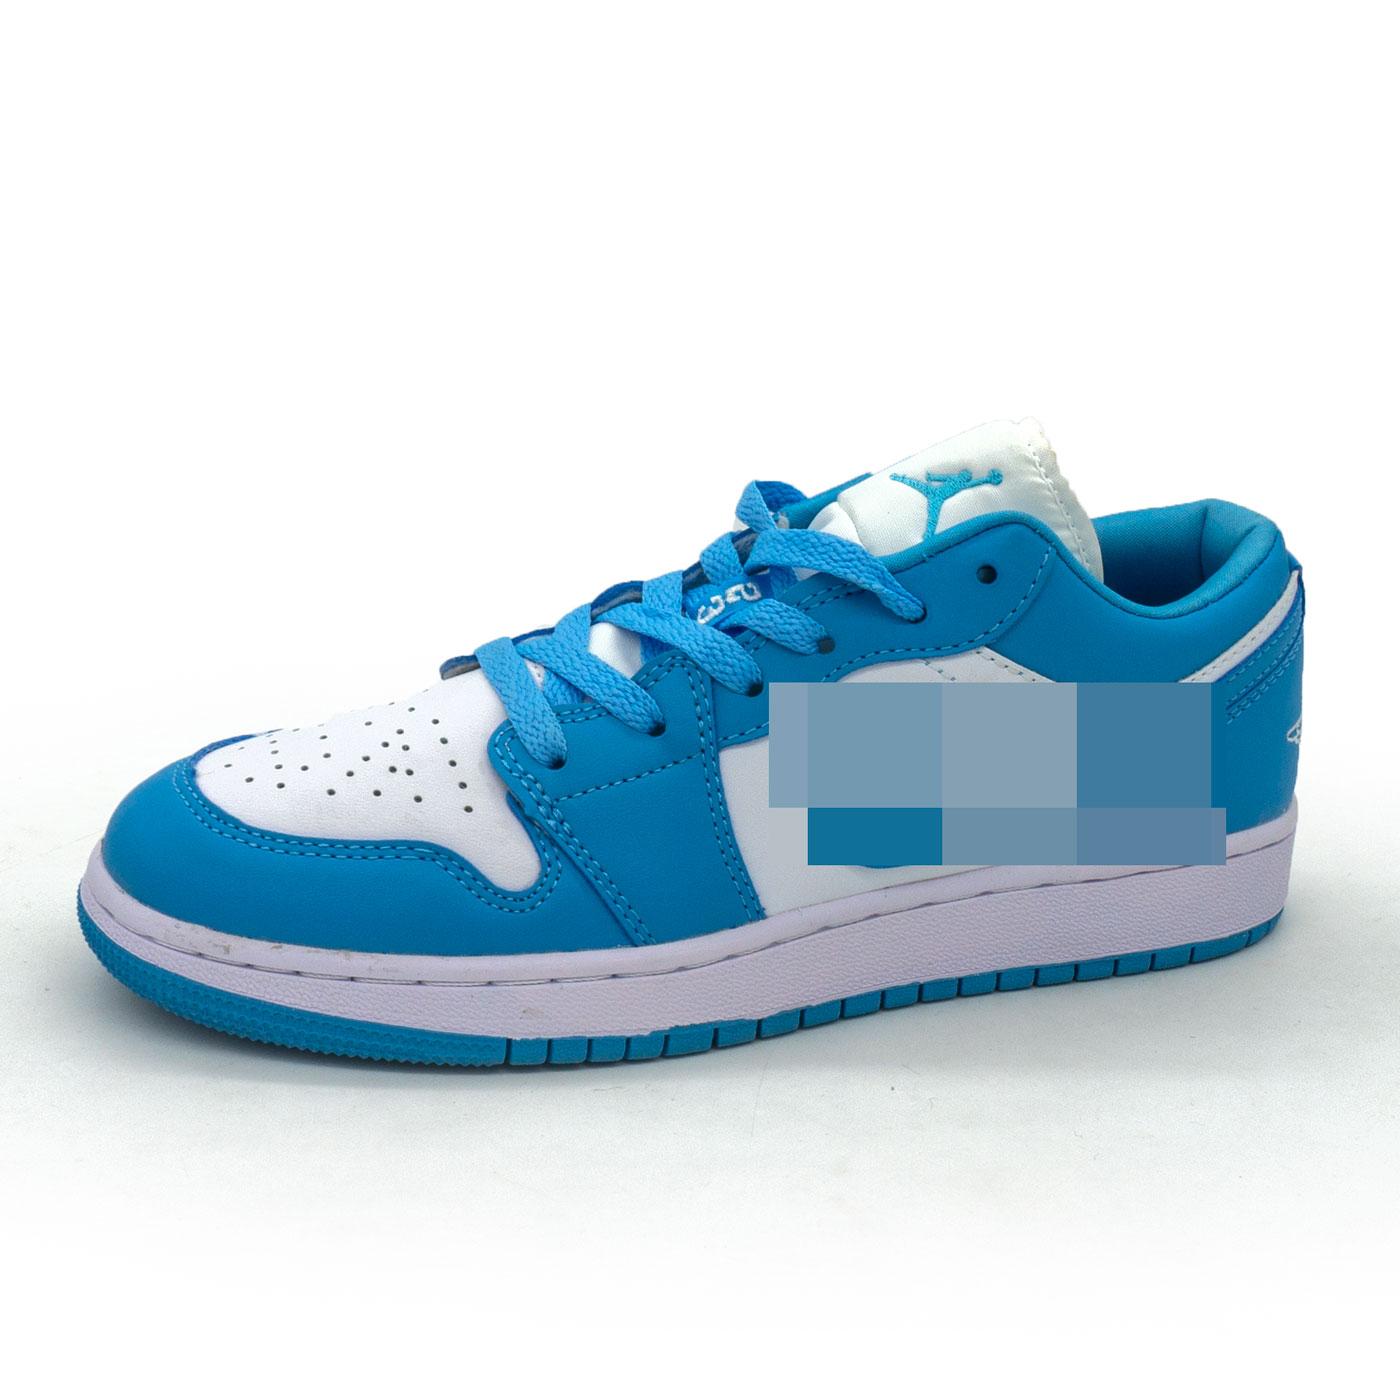 фото main Низкие бело голубые кроссовки Nke Air Jordan 1 main